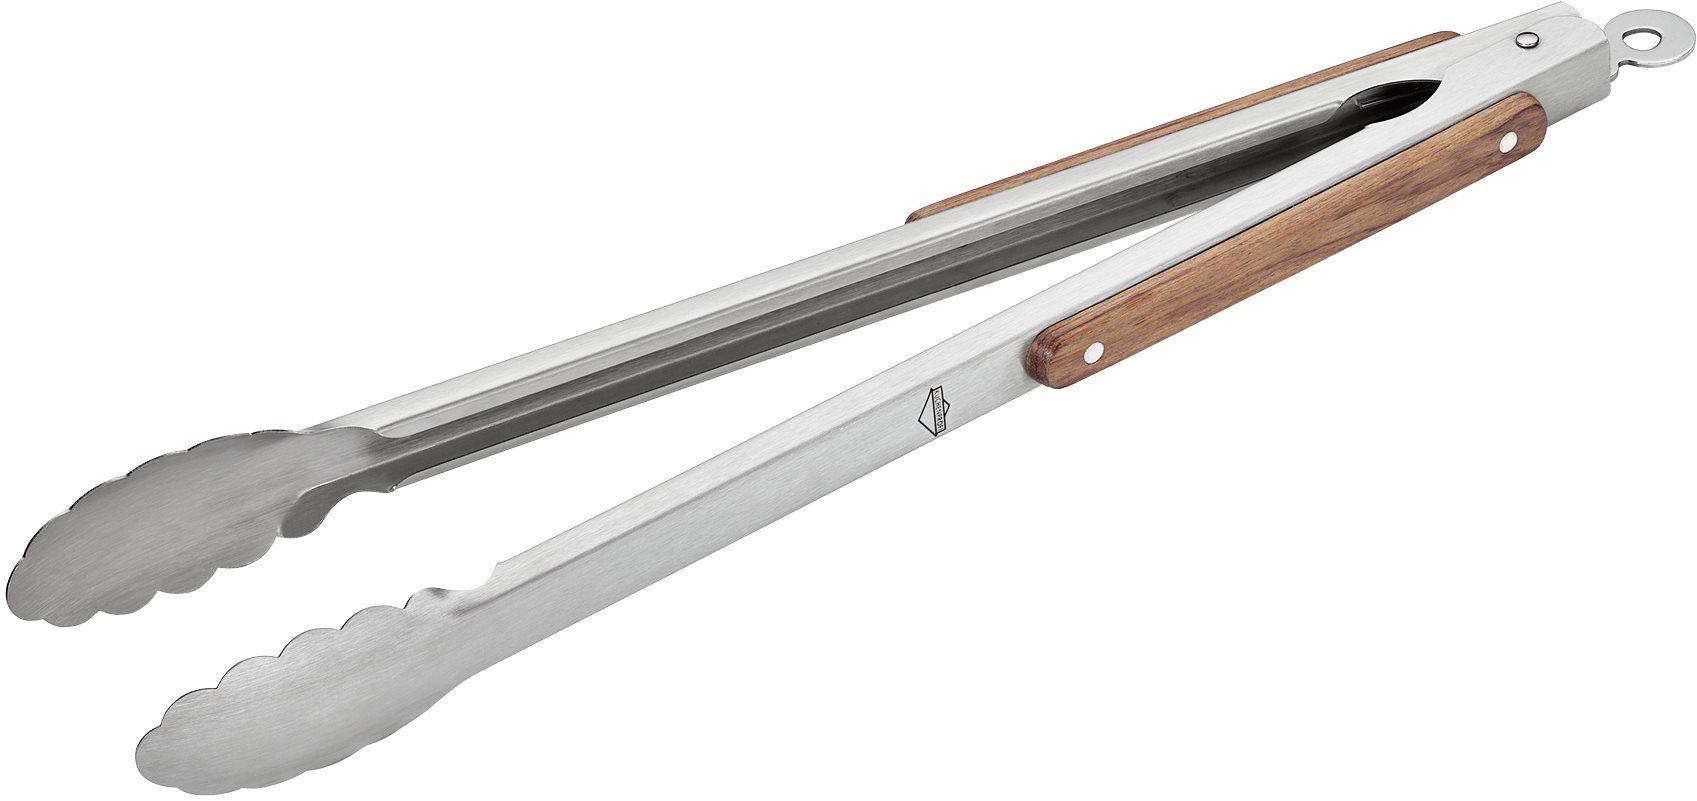 Küchenprofi Grill csipesz 45cm